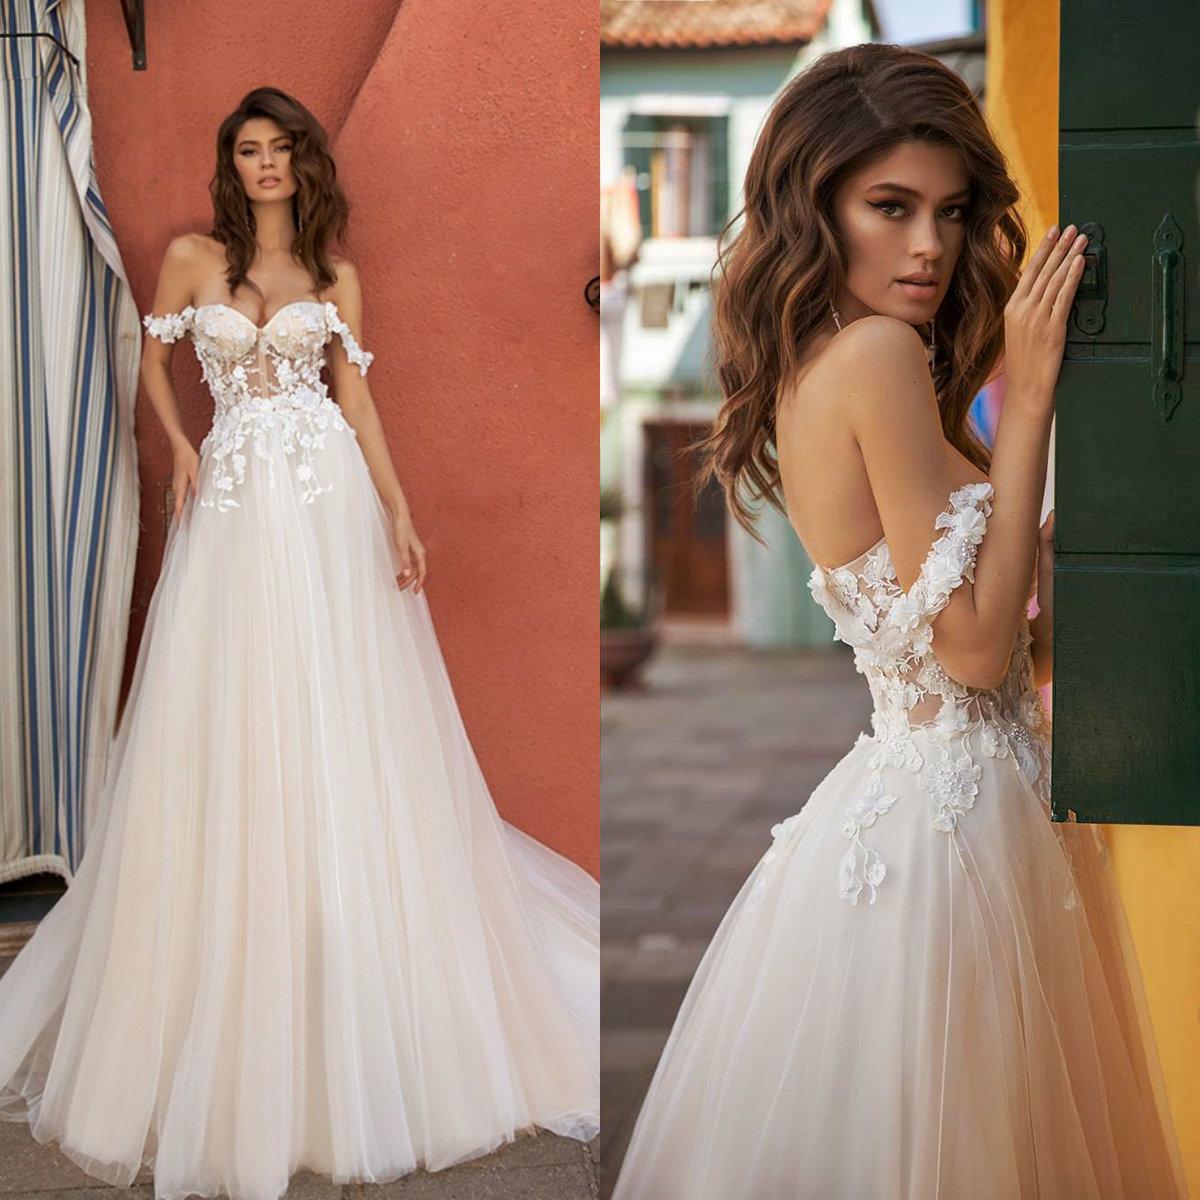 Une ligne robe de mariée boho élégante robe de mariée de mariée de la dentelle fleurs de la dentelle robe de mariée Abito da Sposa